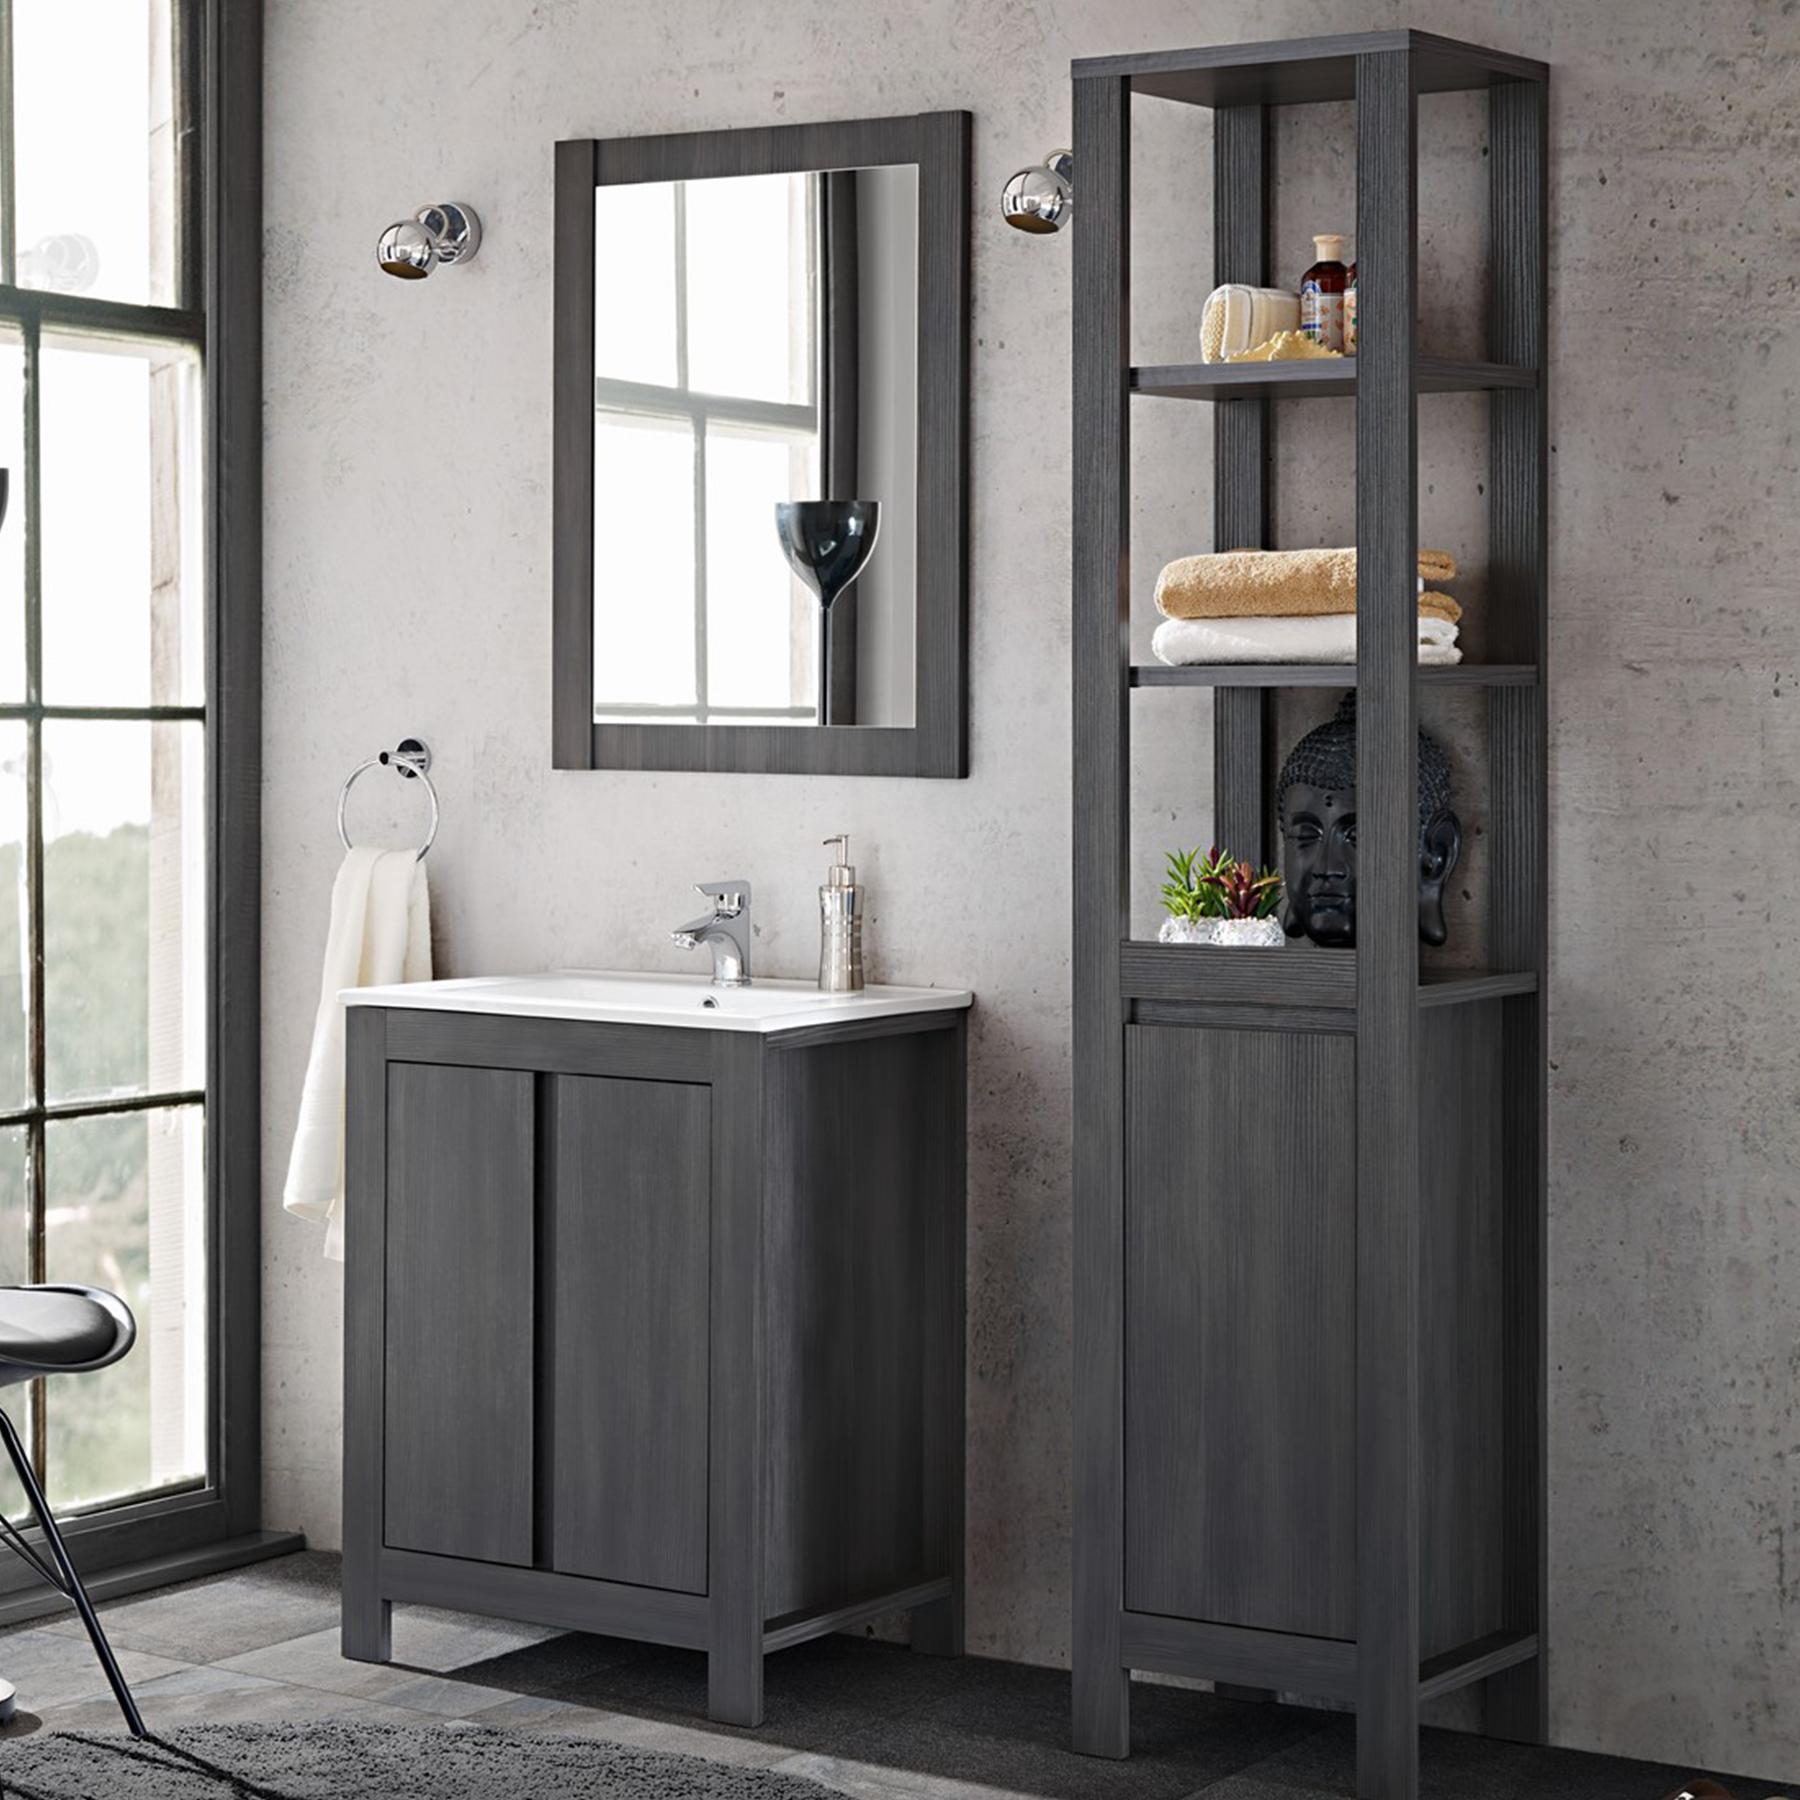 Badmobel Set 3 Tlg Badezimmerset Klassik Grau Inkl Waschtisch 60 Cm Badezimmer Set Badezimmereinrichtung Luxusbadezimmer